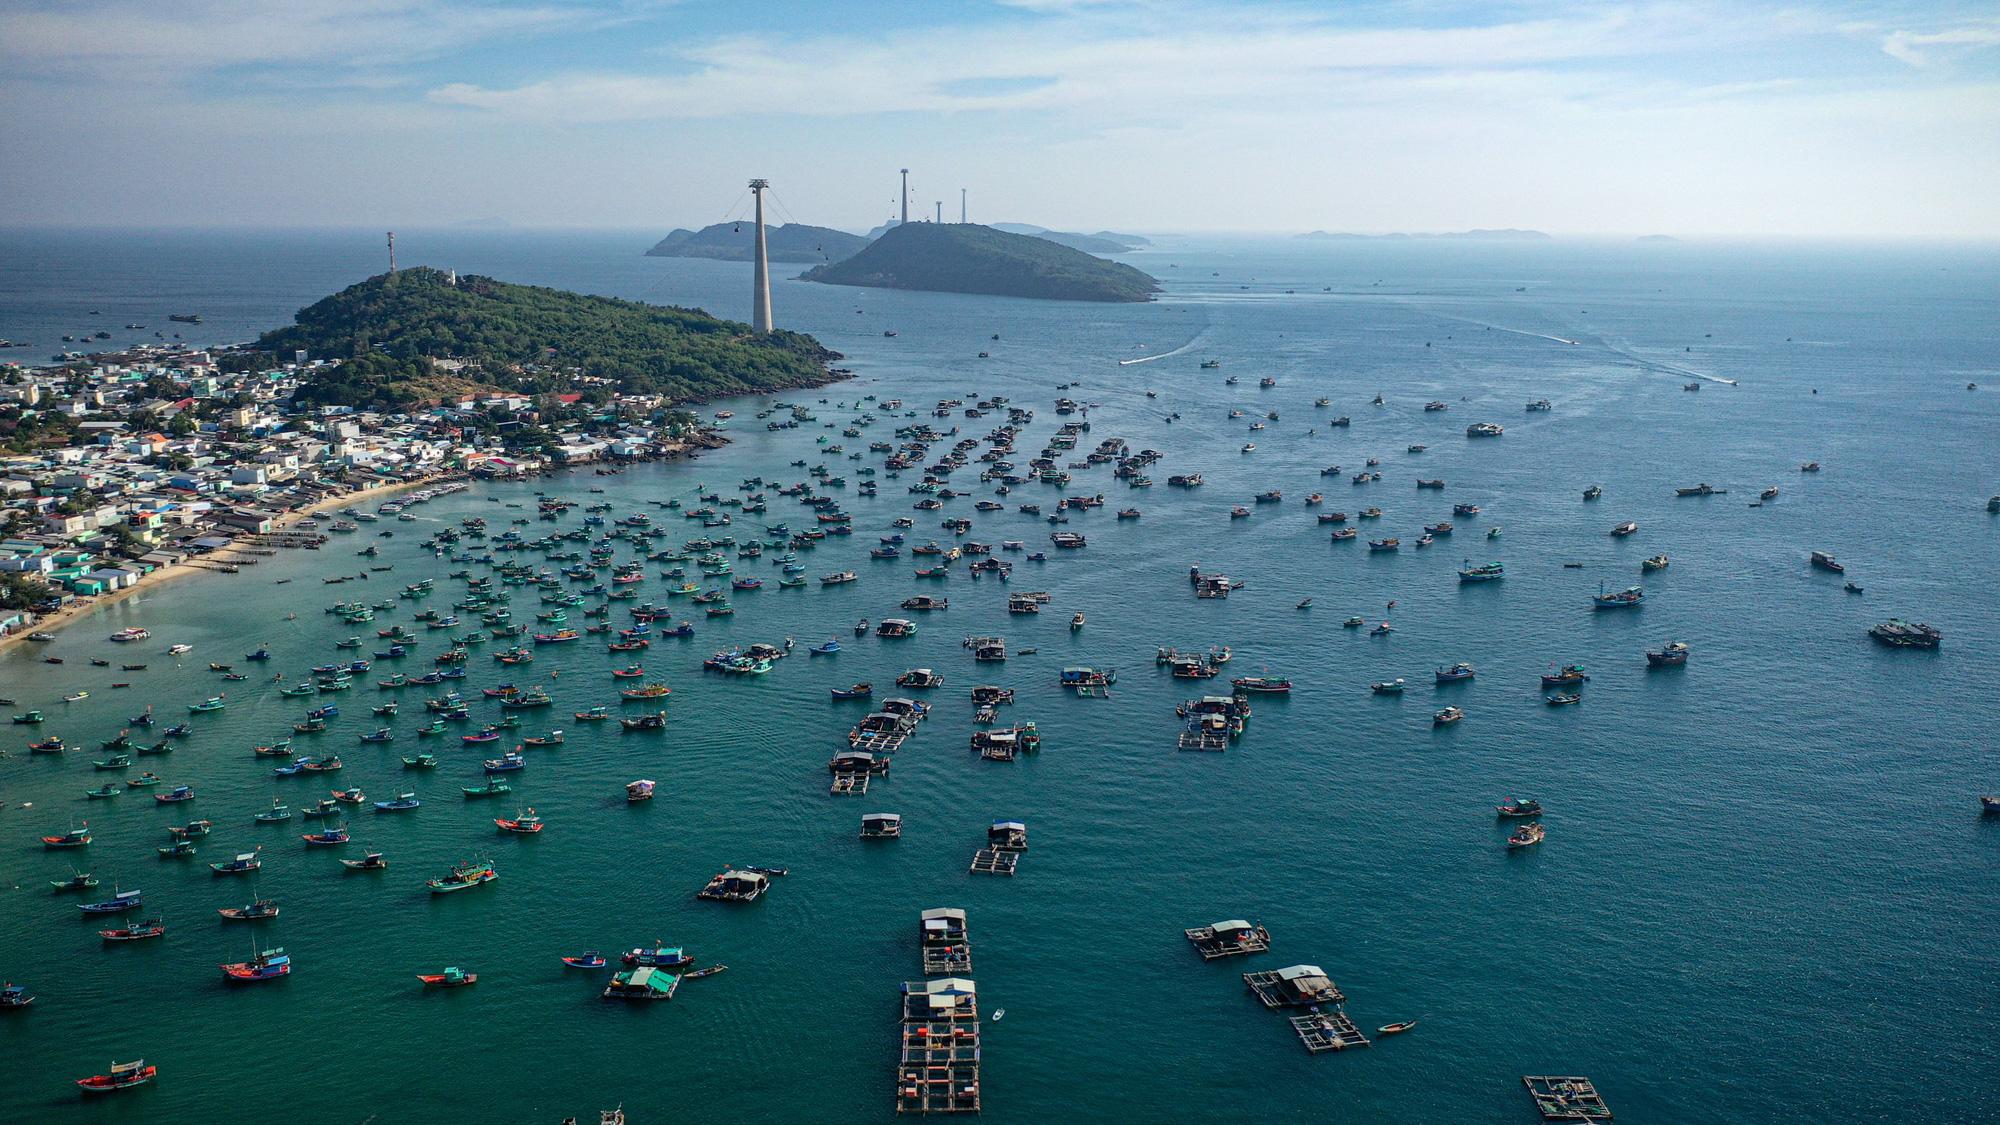 Bộ trưởng Nguyễn Văn Hùng: Cần cơ cấu, tính toán cân bằng lại thị trường du lịch - Ảnh 3.